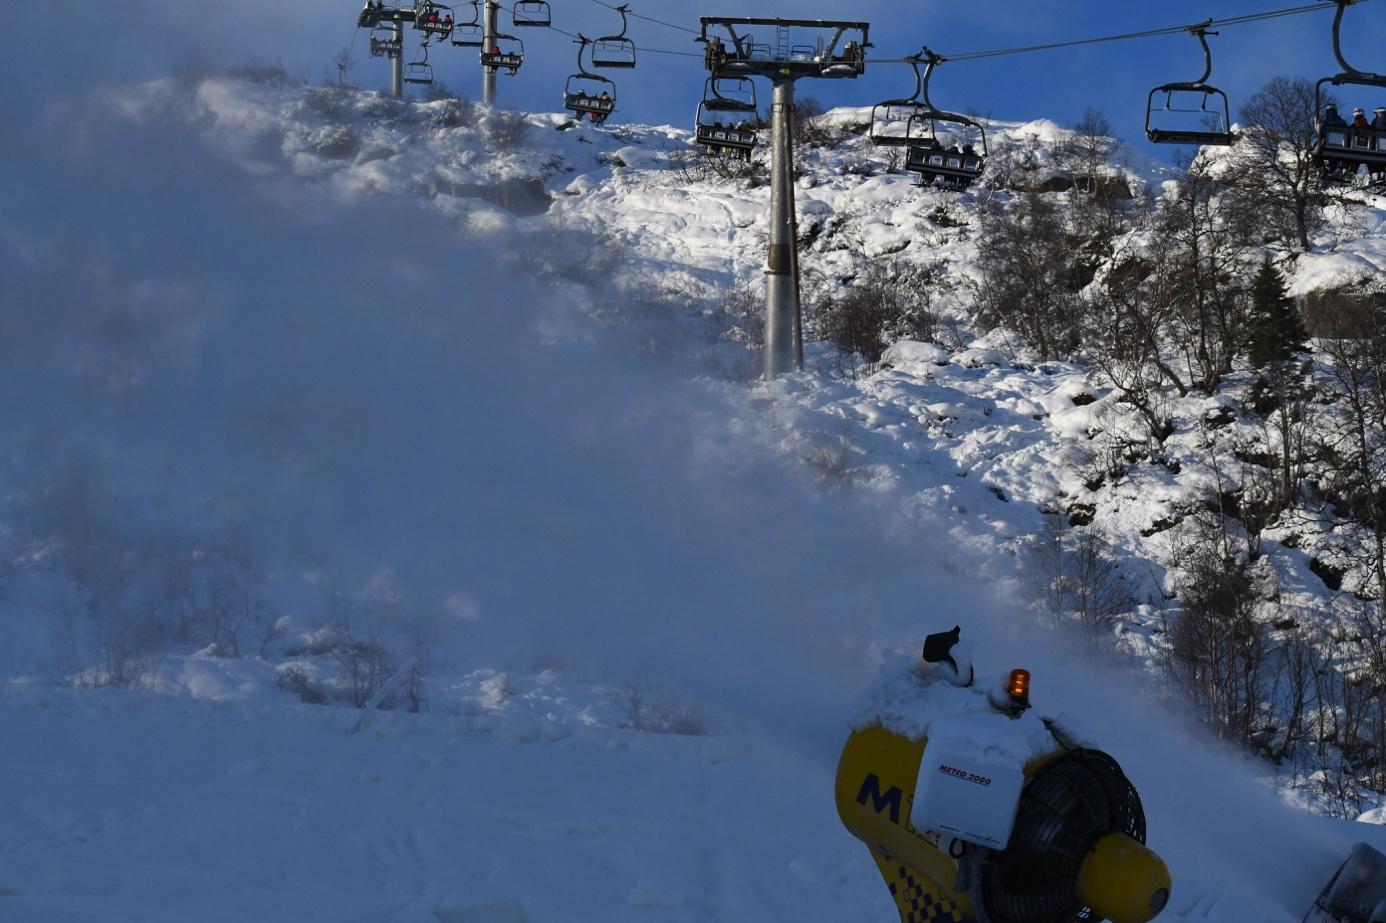 Et bilde som inneholder snø, utendørs, skiheis, dekket  Automatisk generert beskrivelse